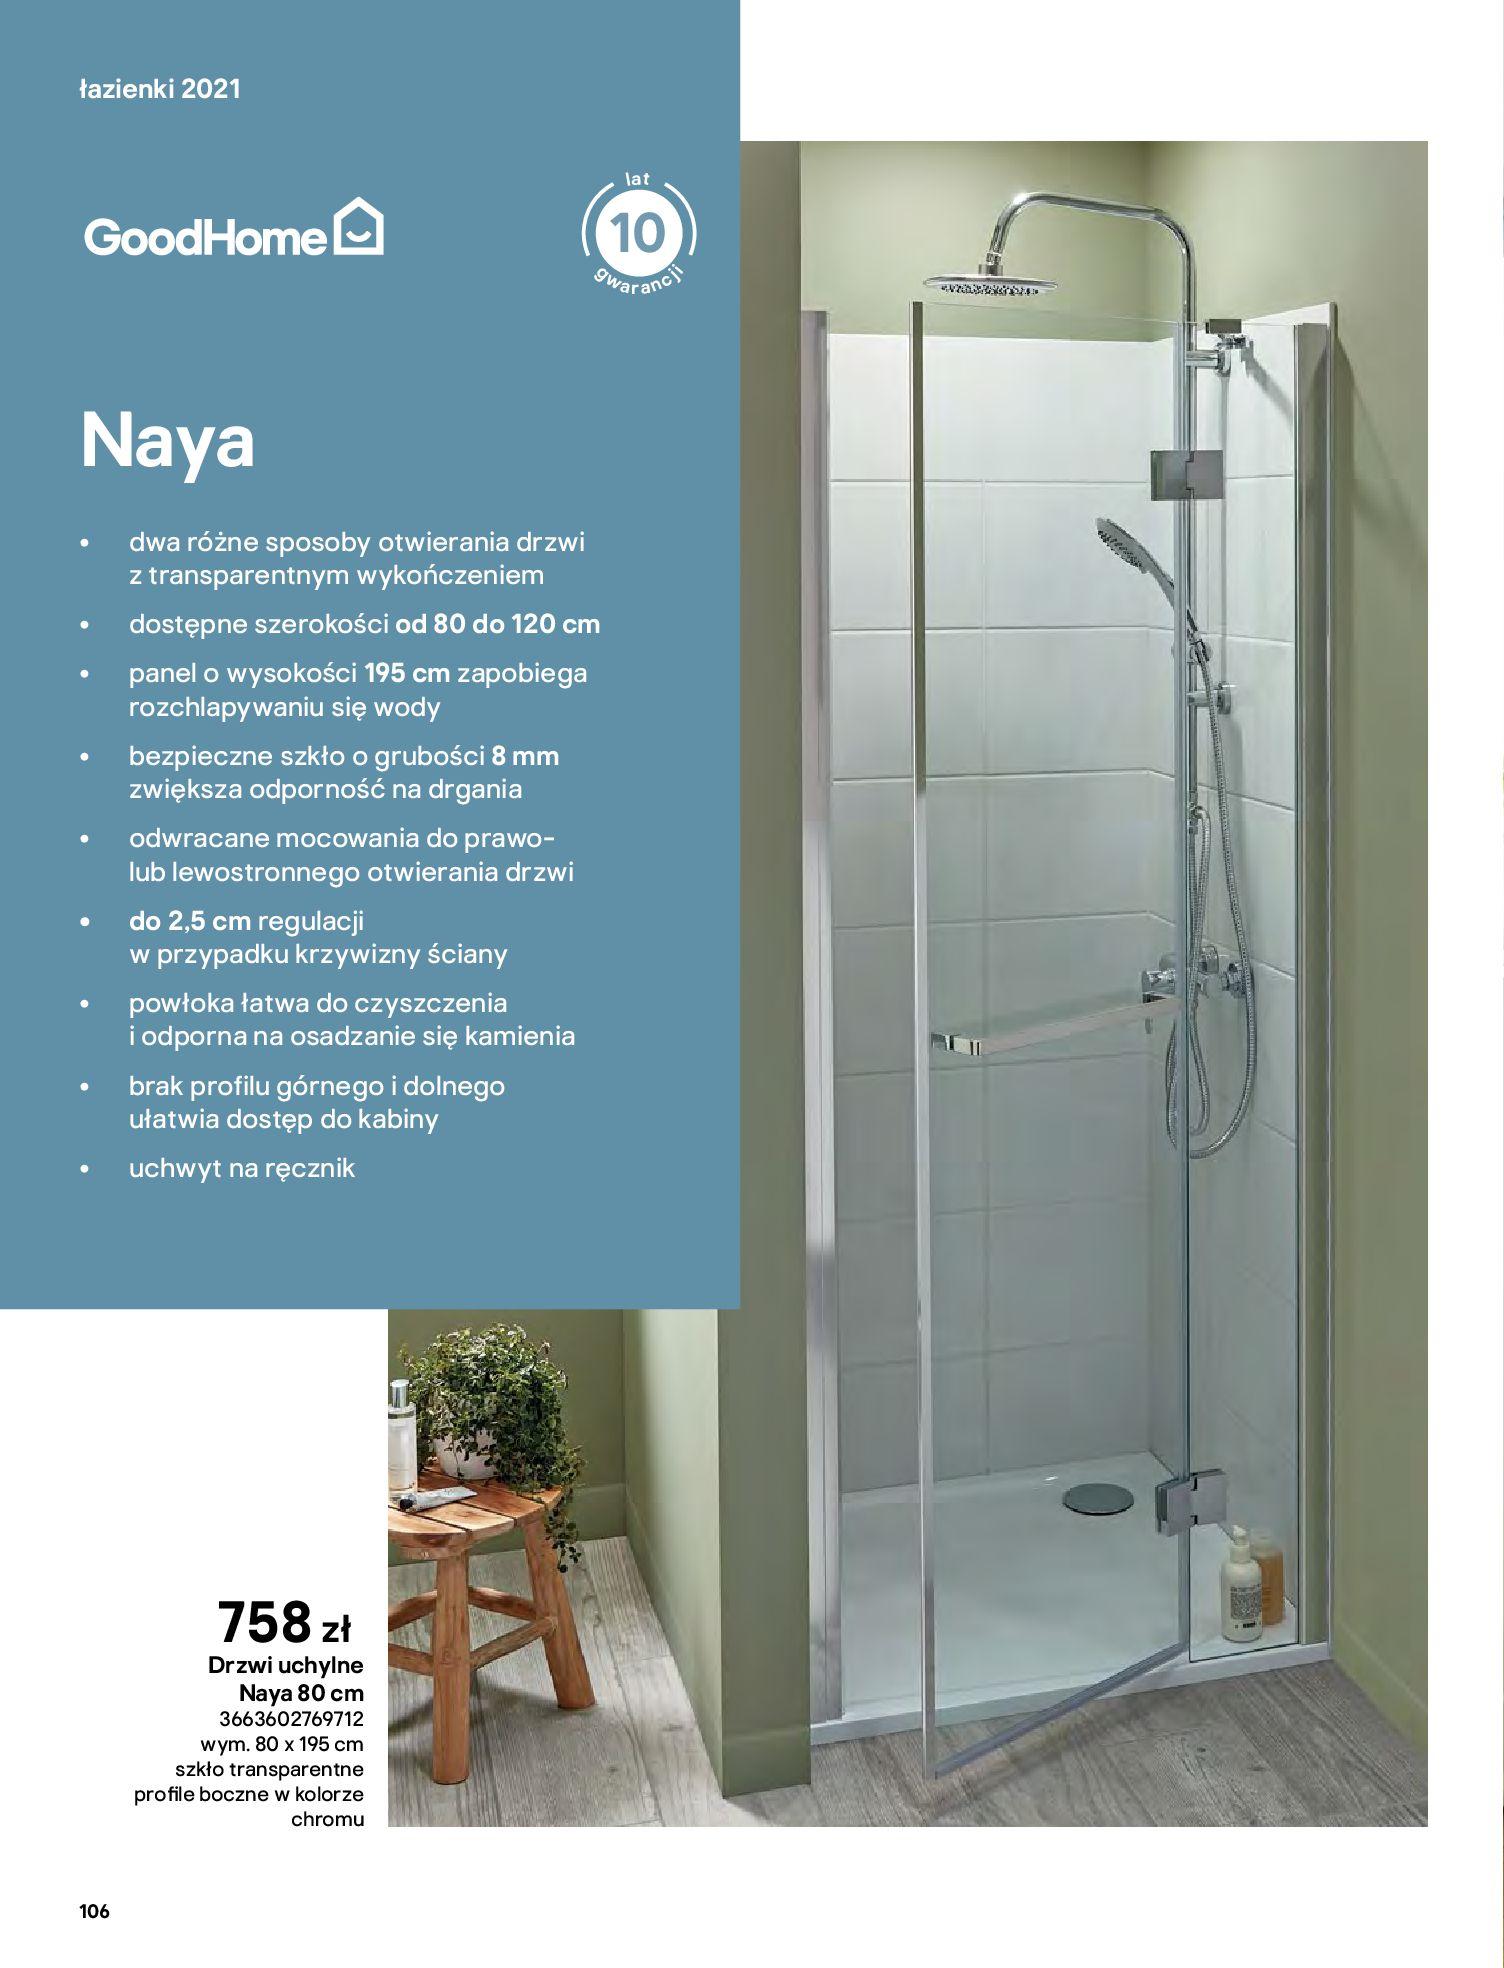 Gazetka Castorama: Gazetka Castorama - katalog łazienki 2021 2021-06-16 page-106